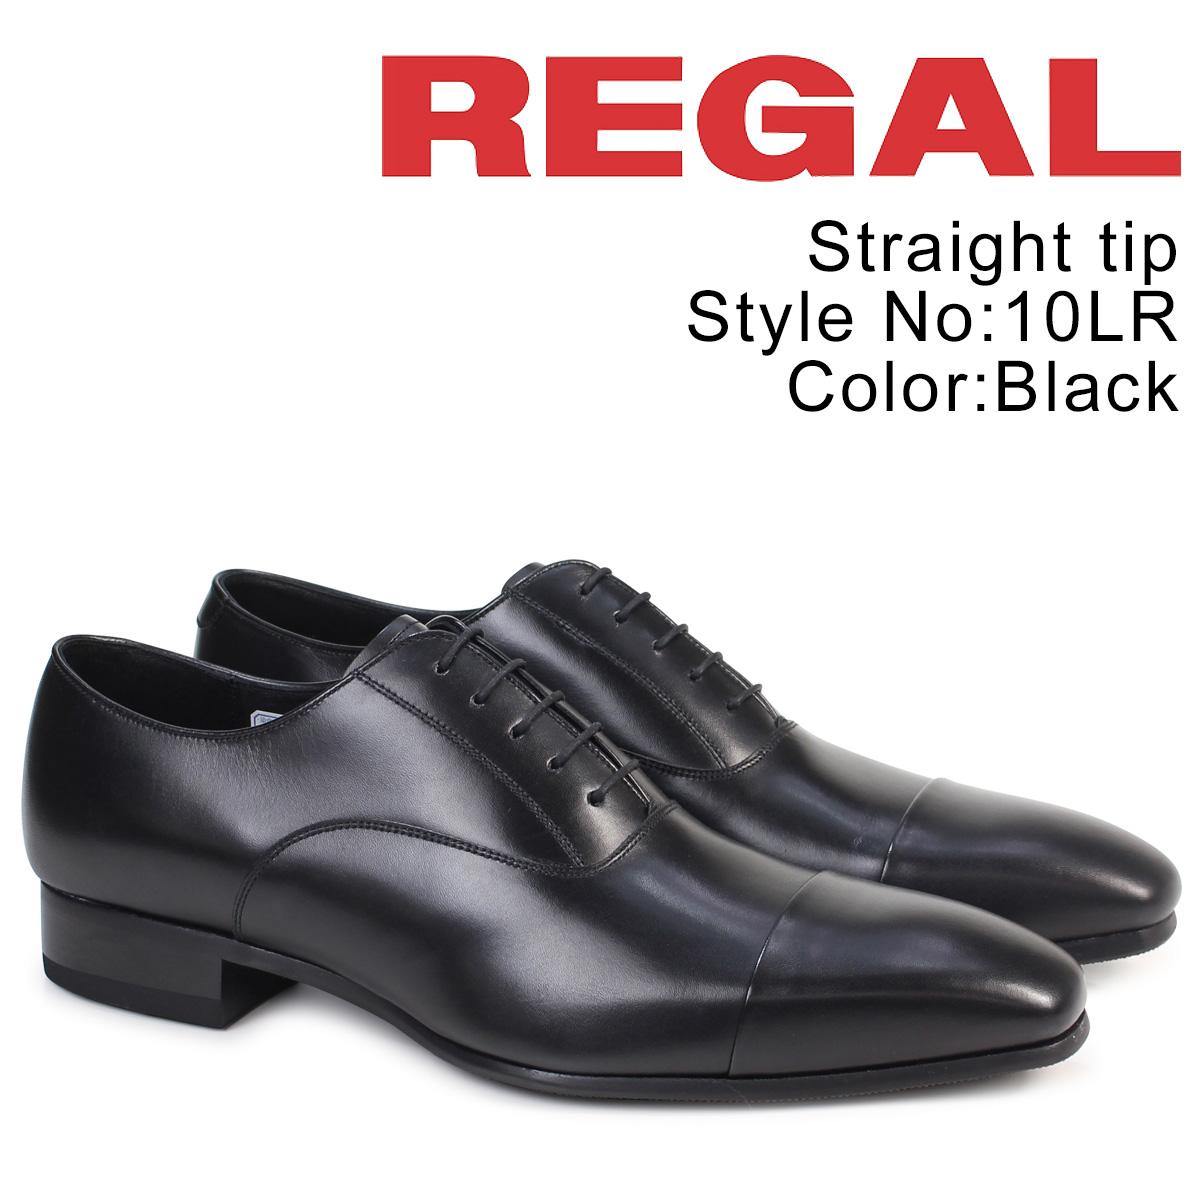 REGAL 10LRBD 靴 メンズ リーガル ストレートチップ ビジネスシューズ 日本製 ブラック [4/3 追加入荷]